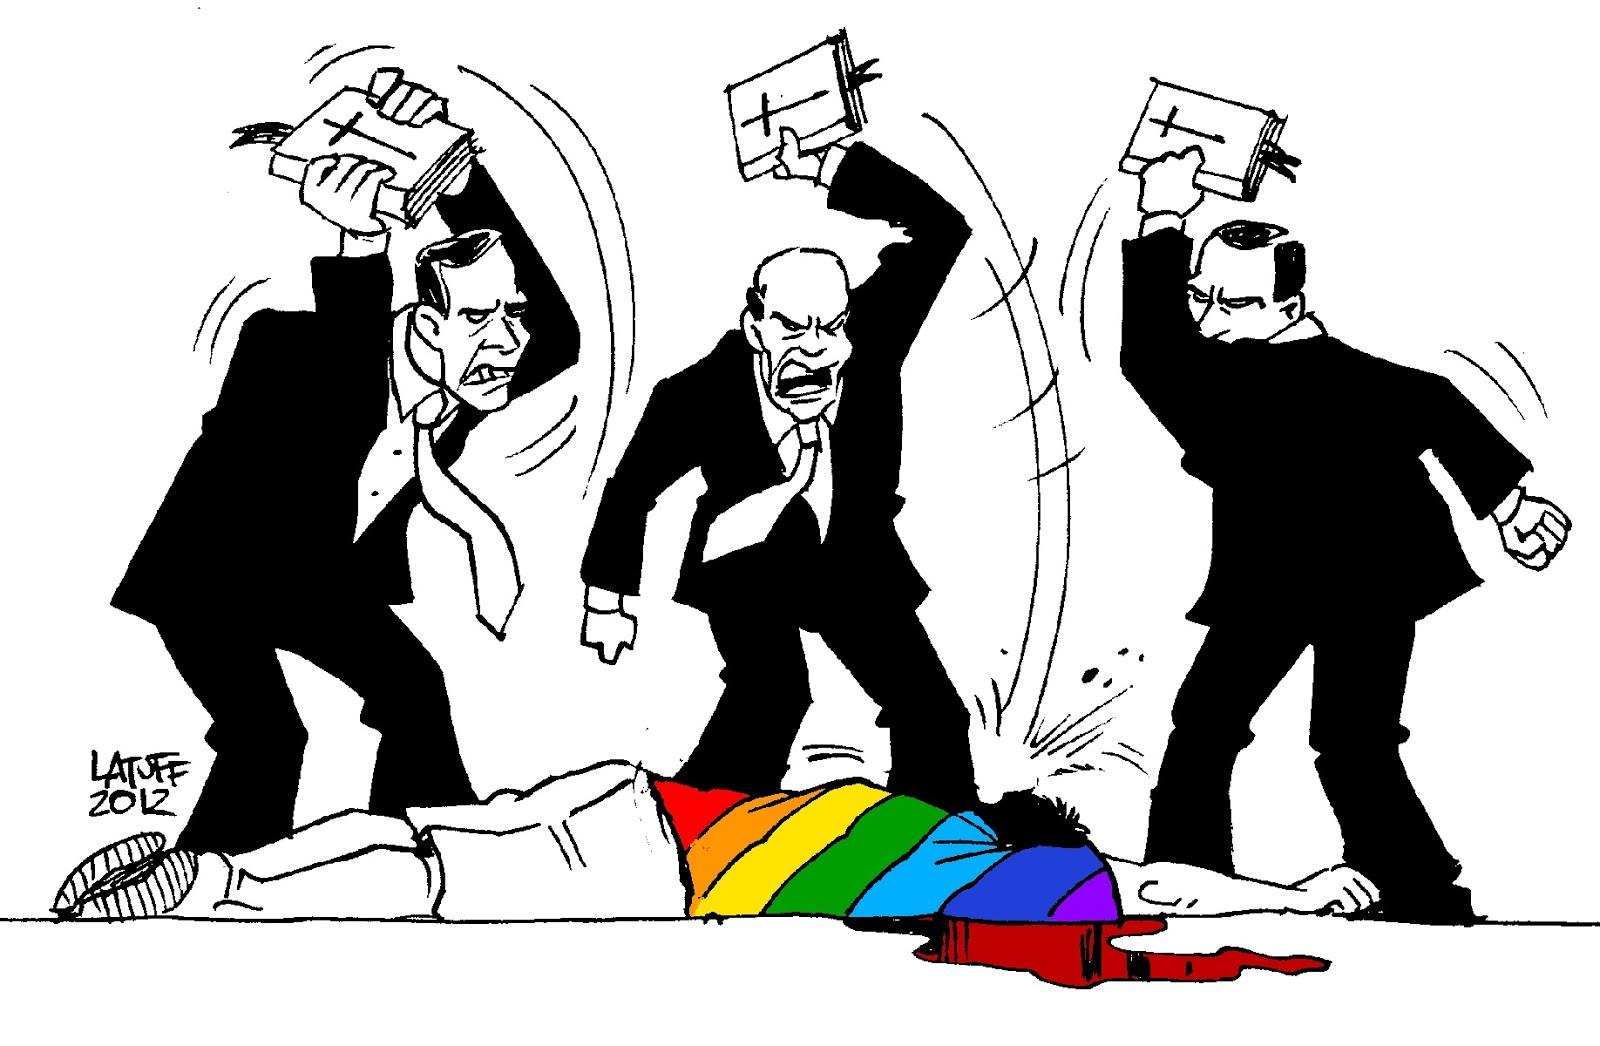 Ilustração contra cristãos